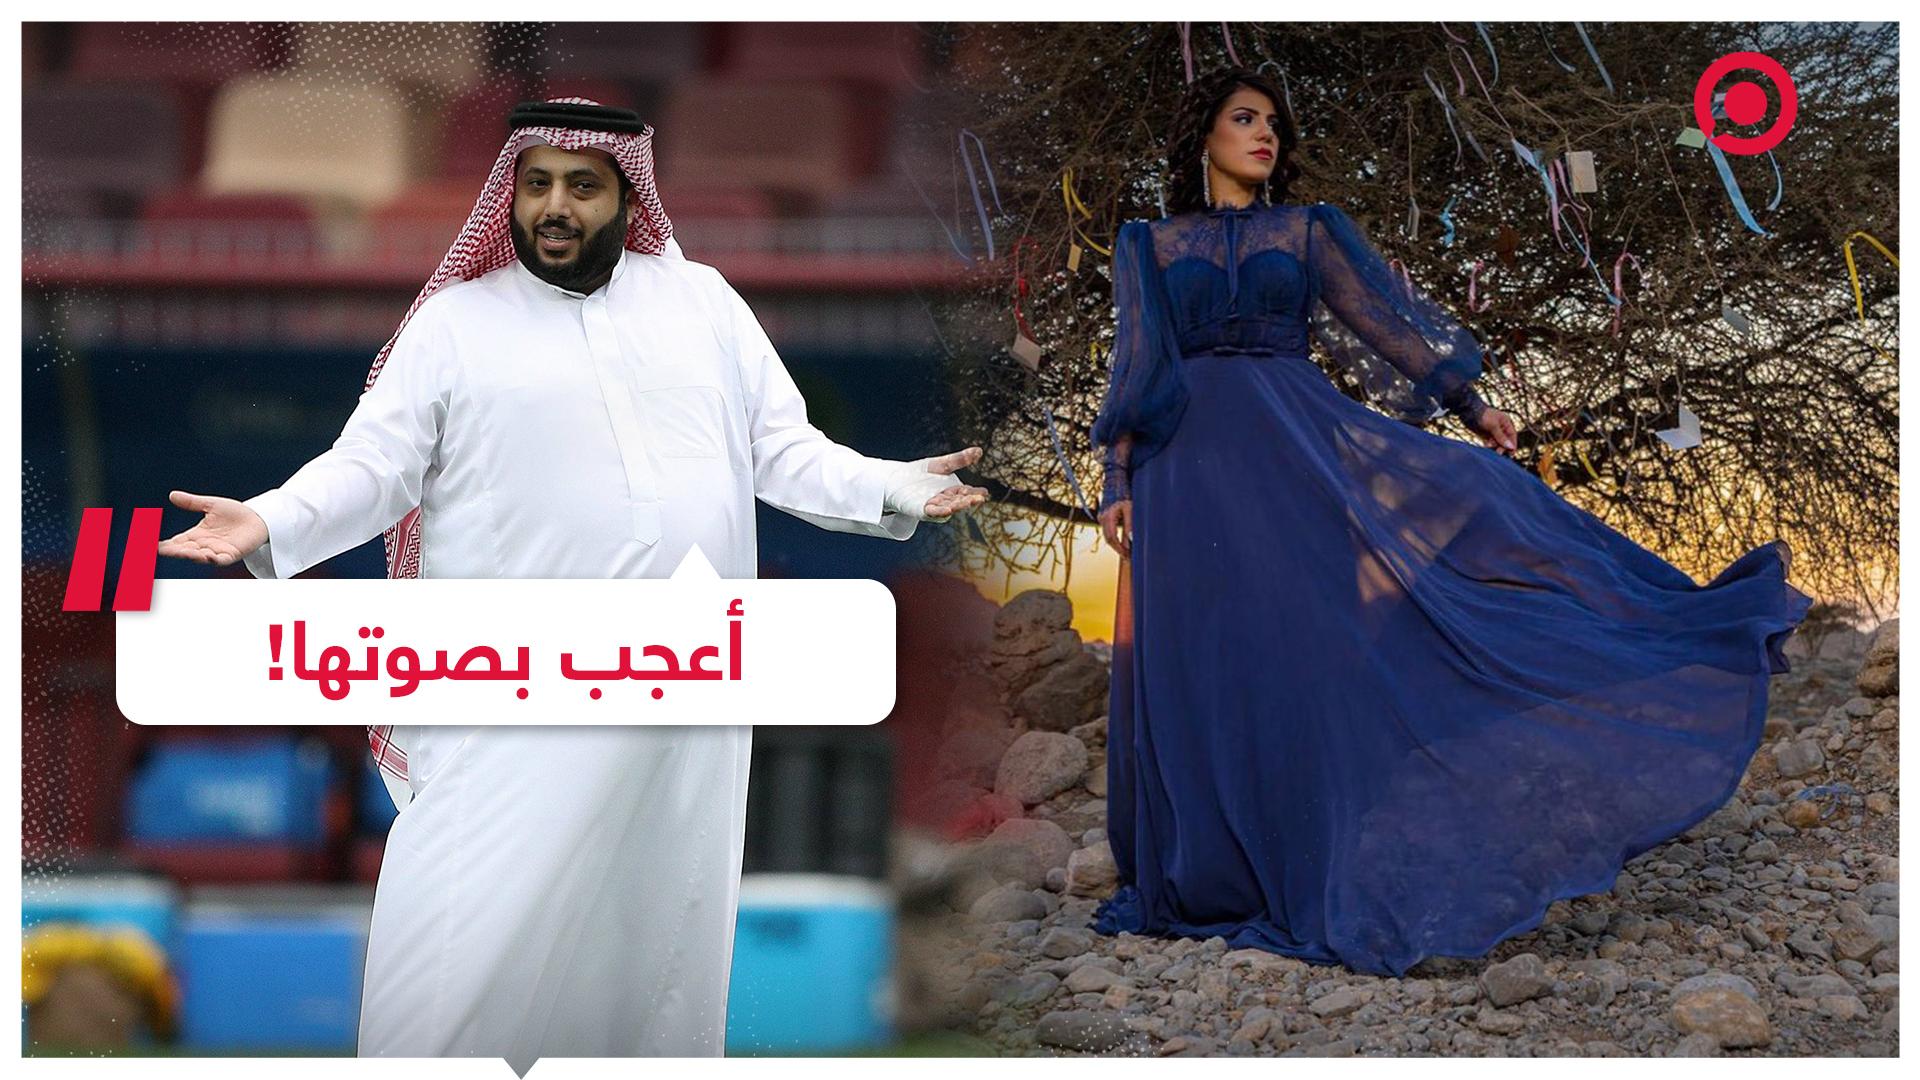 تغريدة تركي آل الشيخ تفتح باب الحظ لفتاة موهوبة!